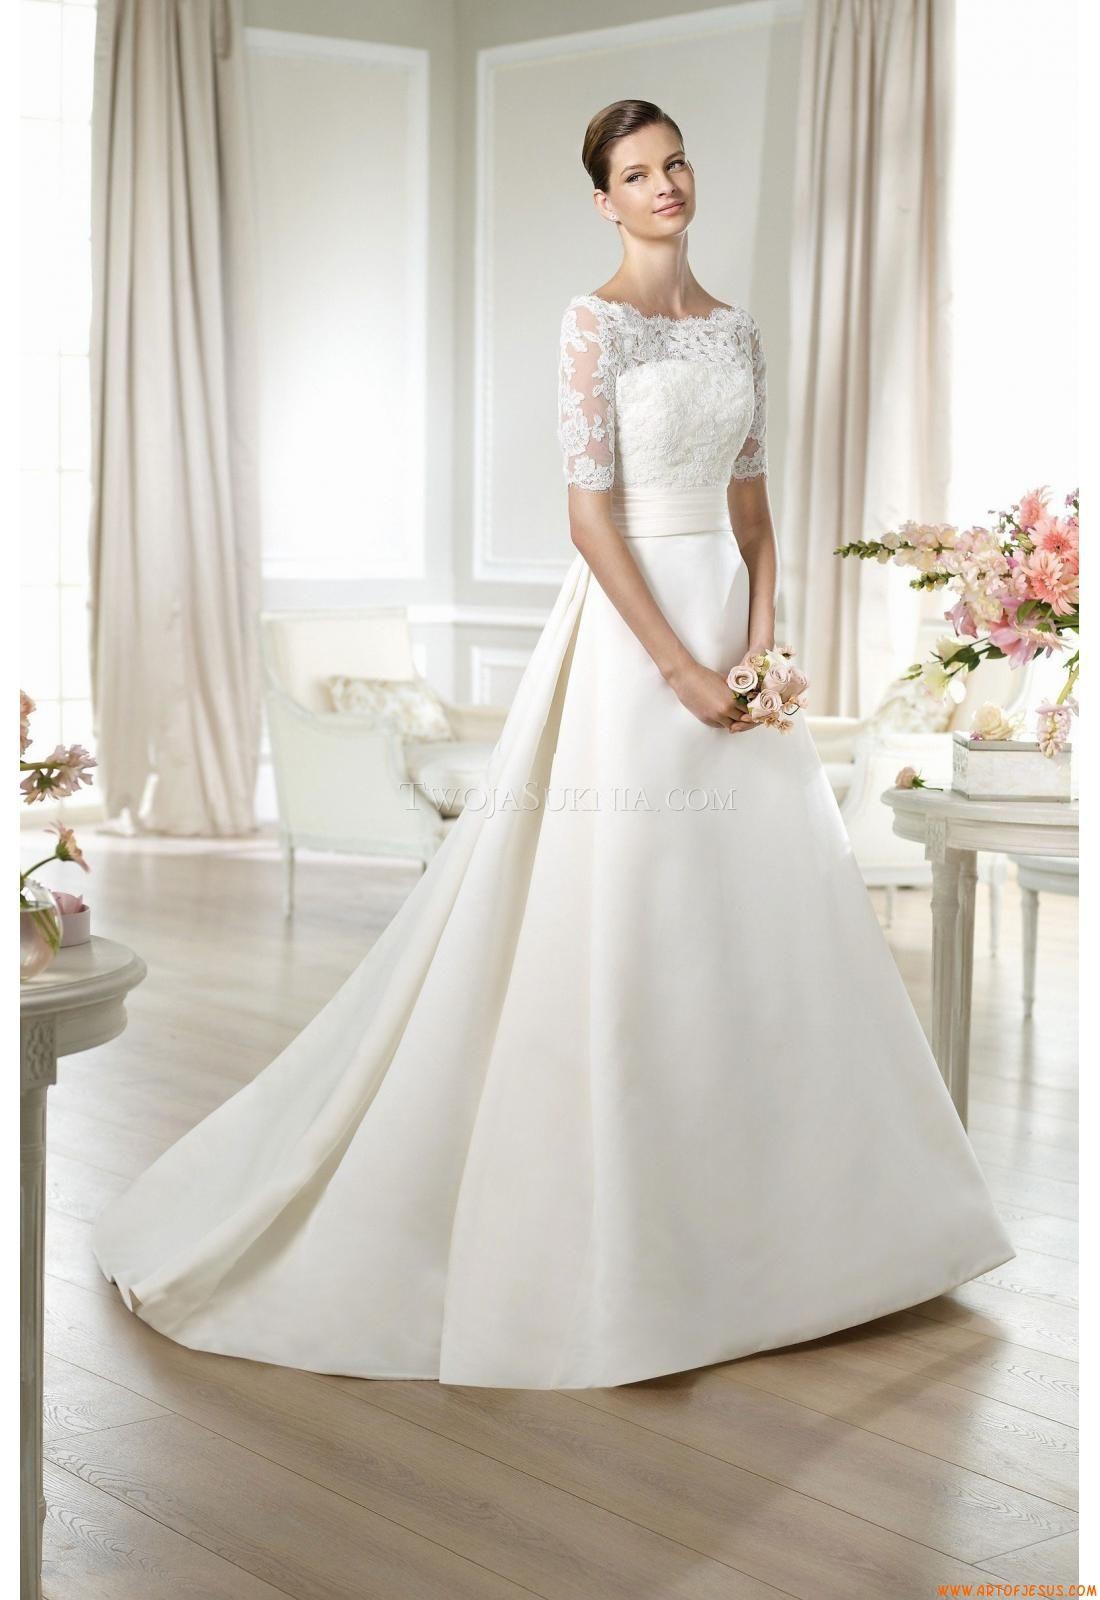 Hochzeitskleider geschlossen - Google-Suche | Handstand | Pinterest ...